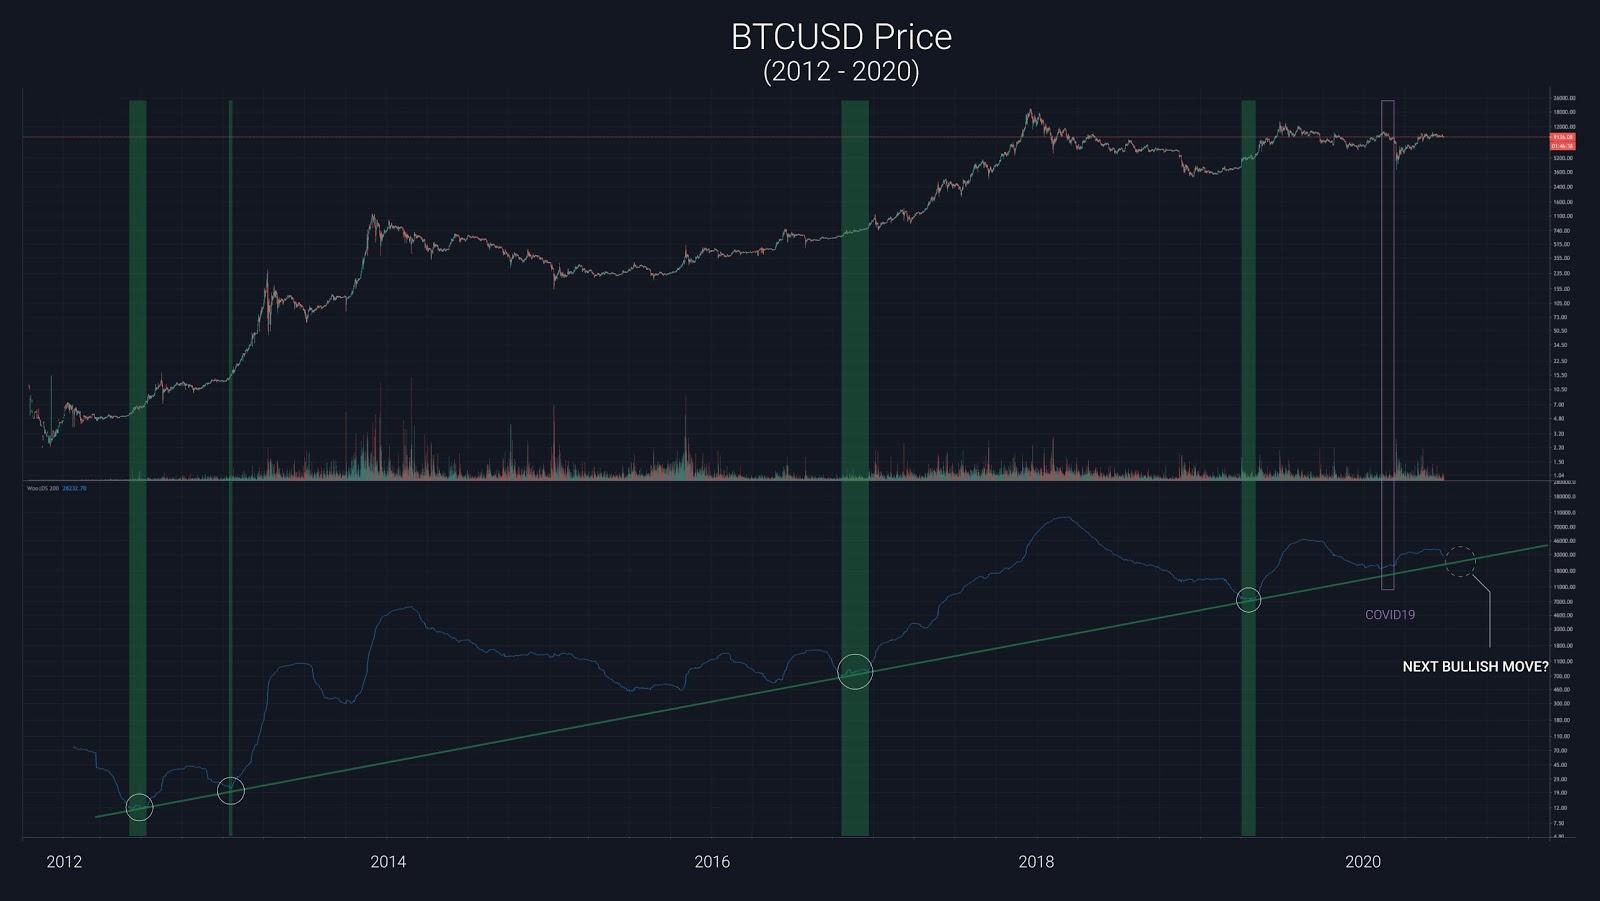 cours du Bitcoin 2012-2020